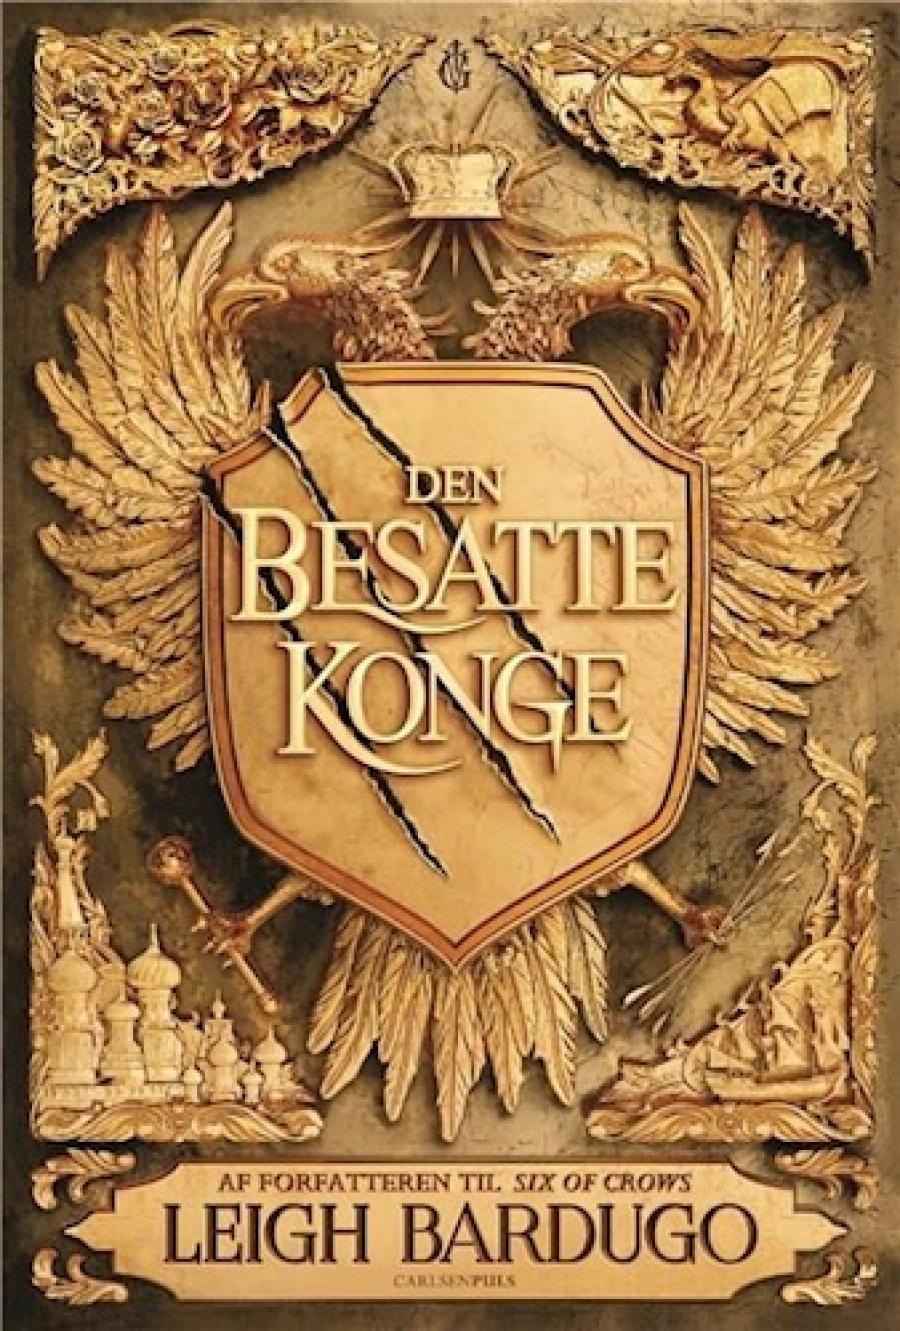 Den besatte konge af Leigh Bardugo